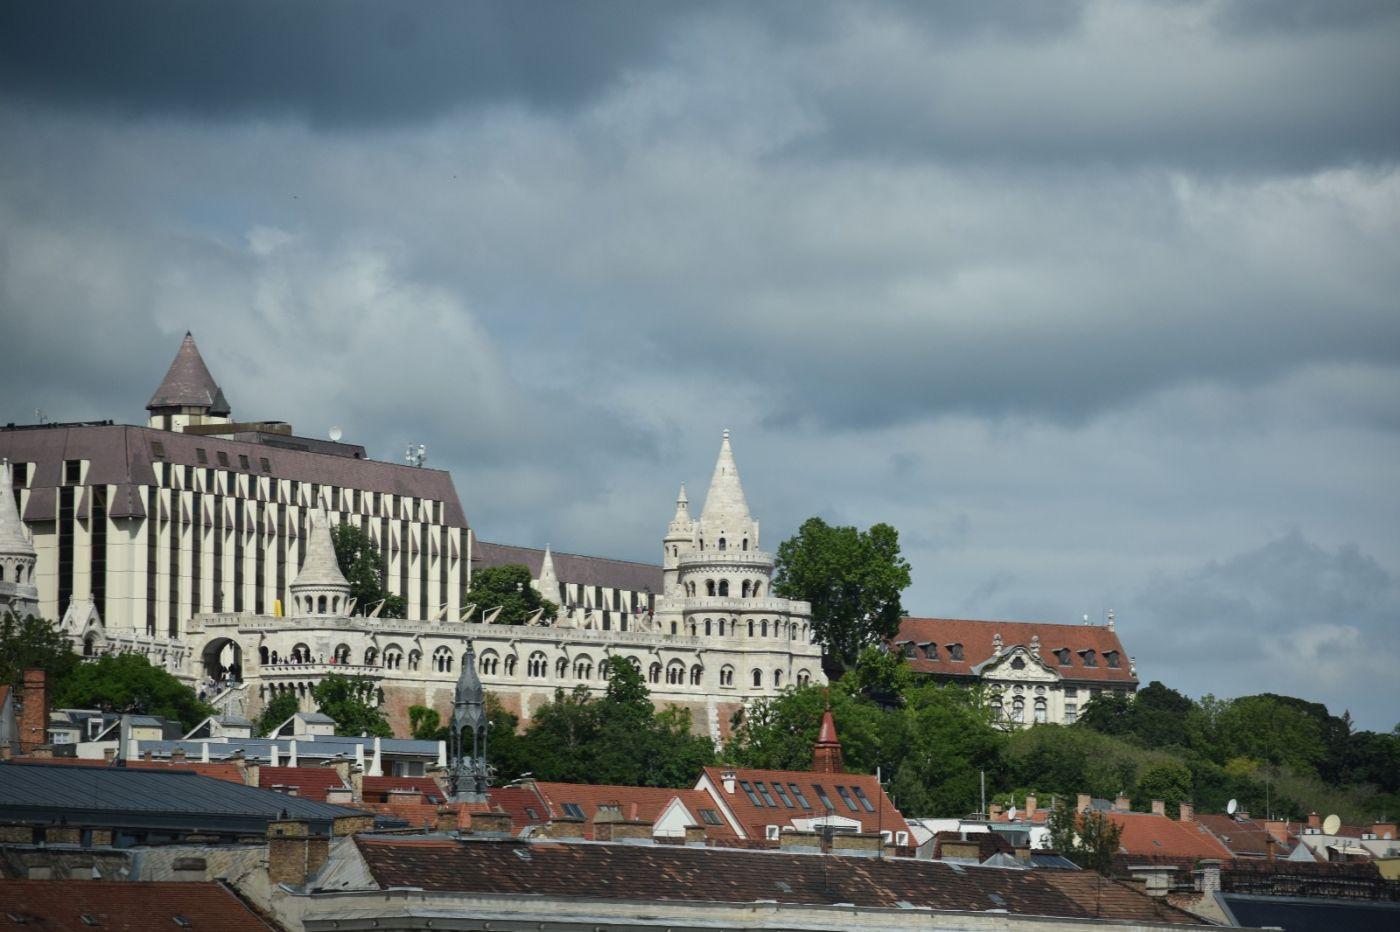 布达佩斯之印象_图1-17